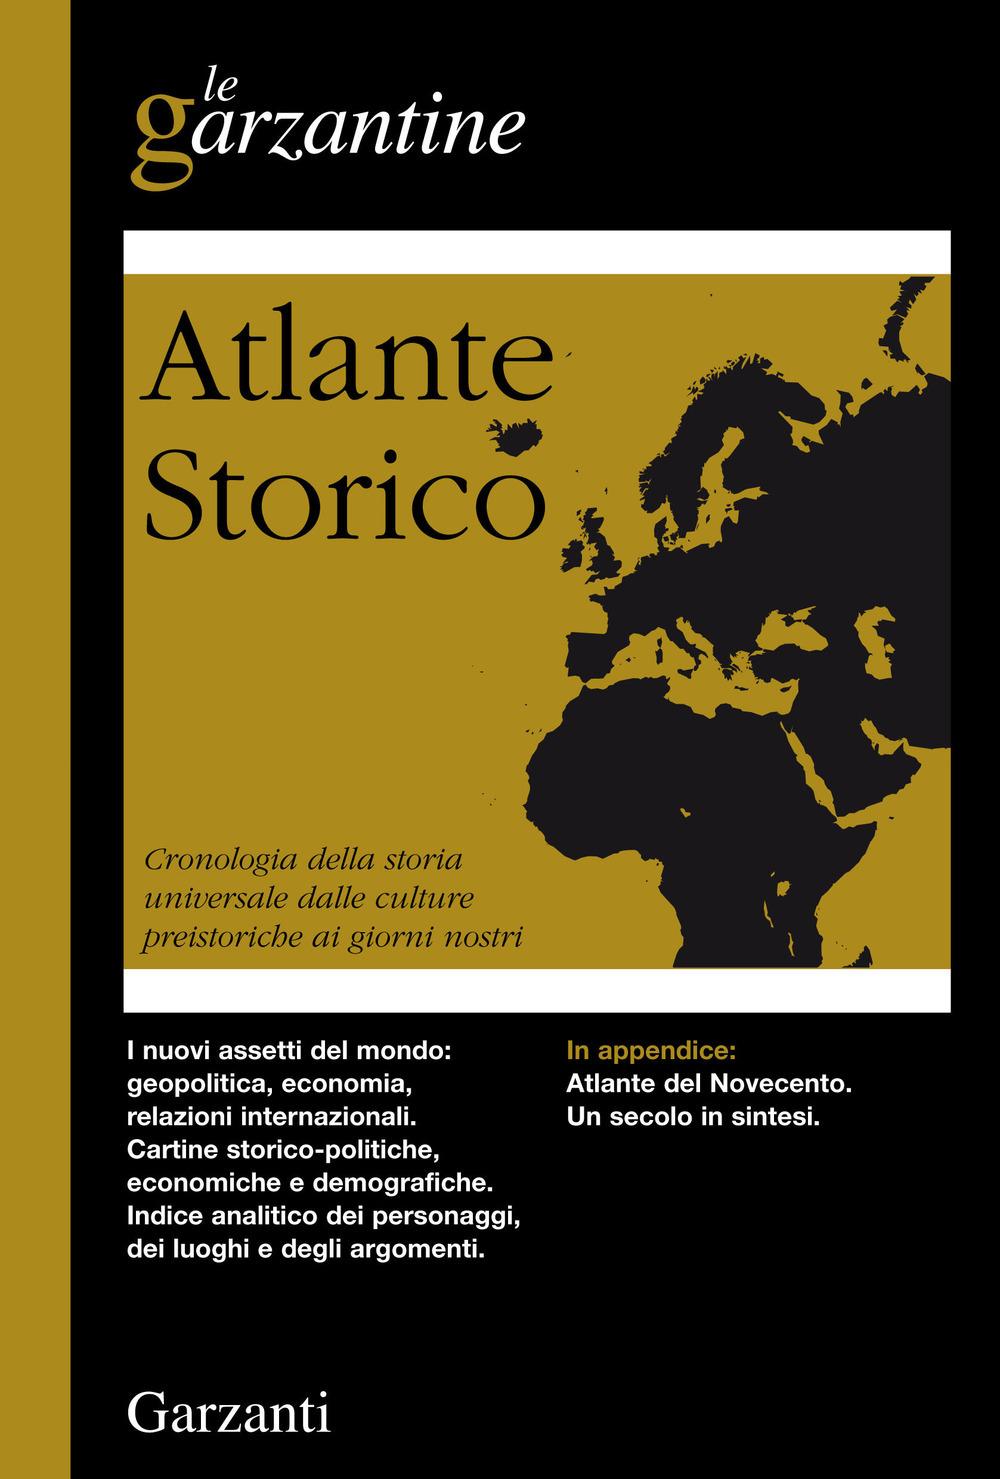 Atlante storico. Cronologia della storia universale dalle culture ..